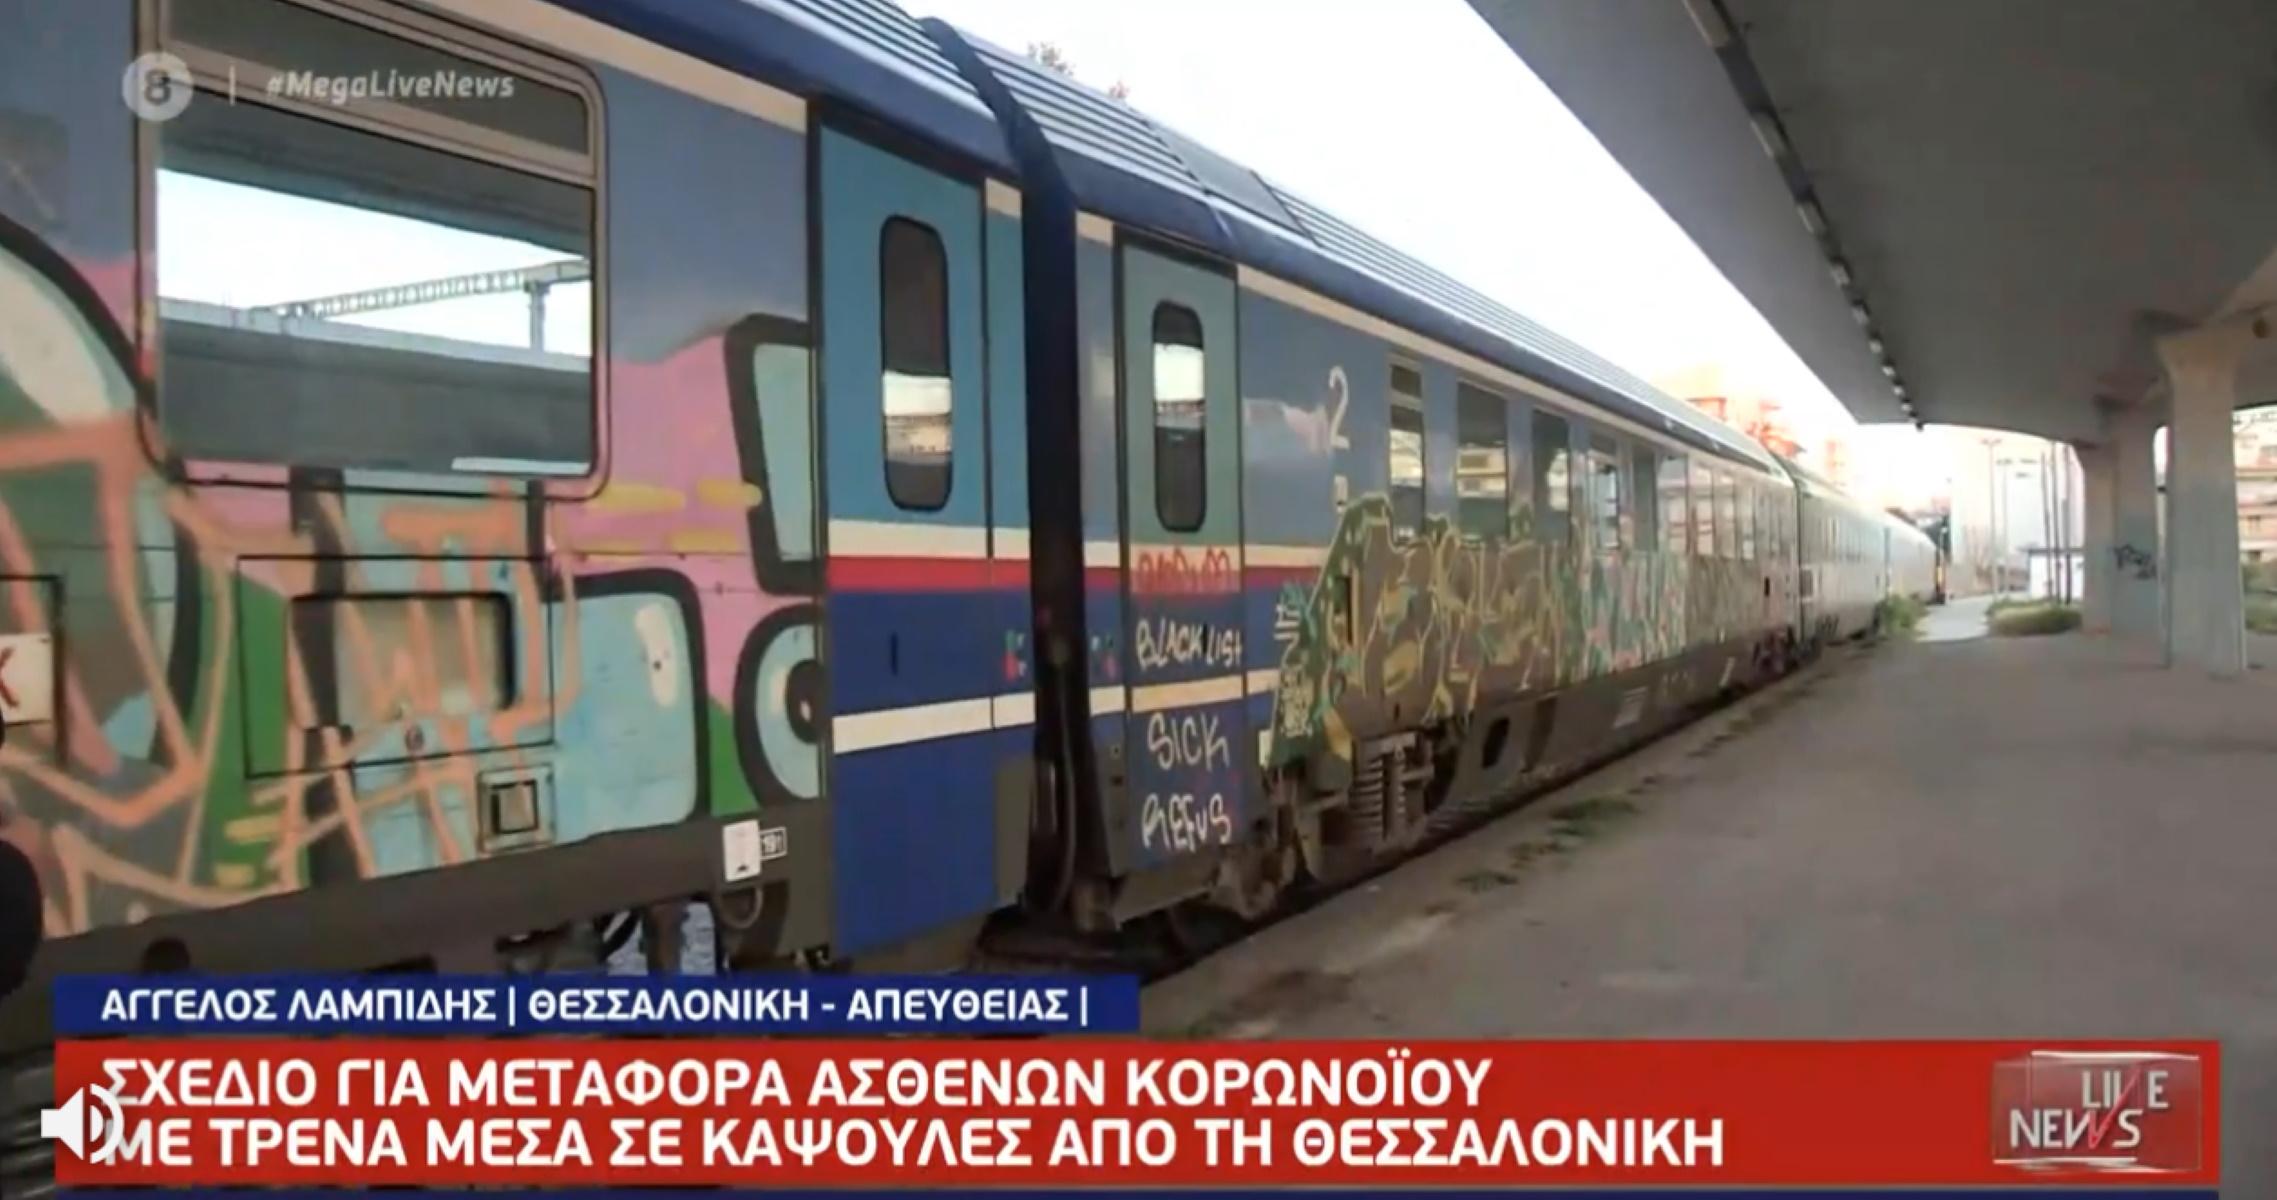 χέδιο για μεταφορά ασθενών από τη Θεσσαλονίκη με τρένο